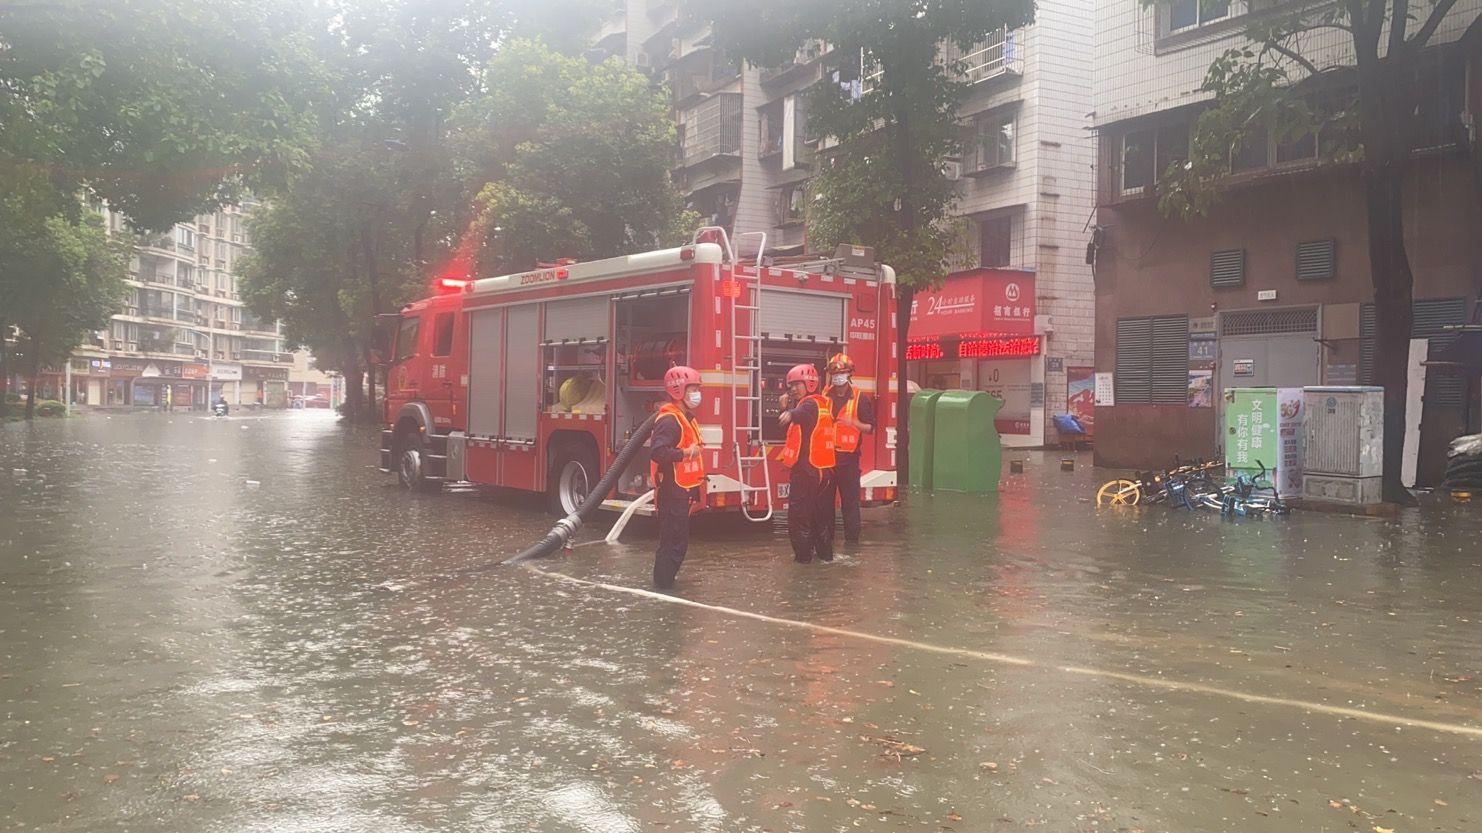 宜昌城区普降大雨 消防部门紧急排涝(图)